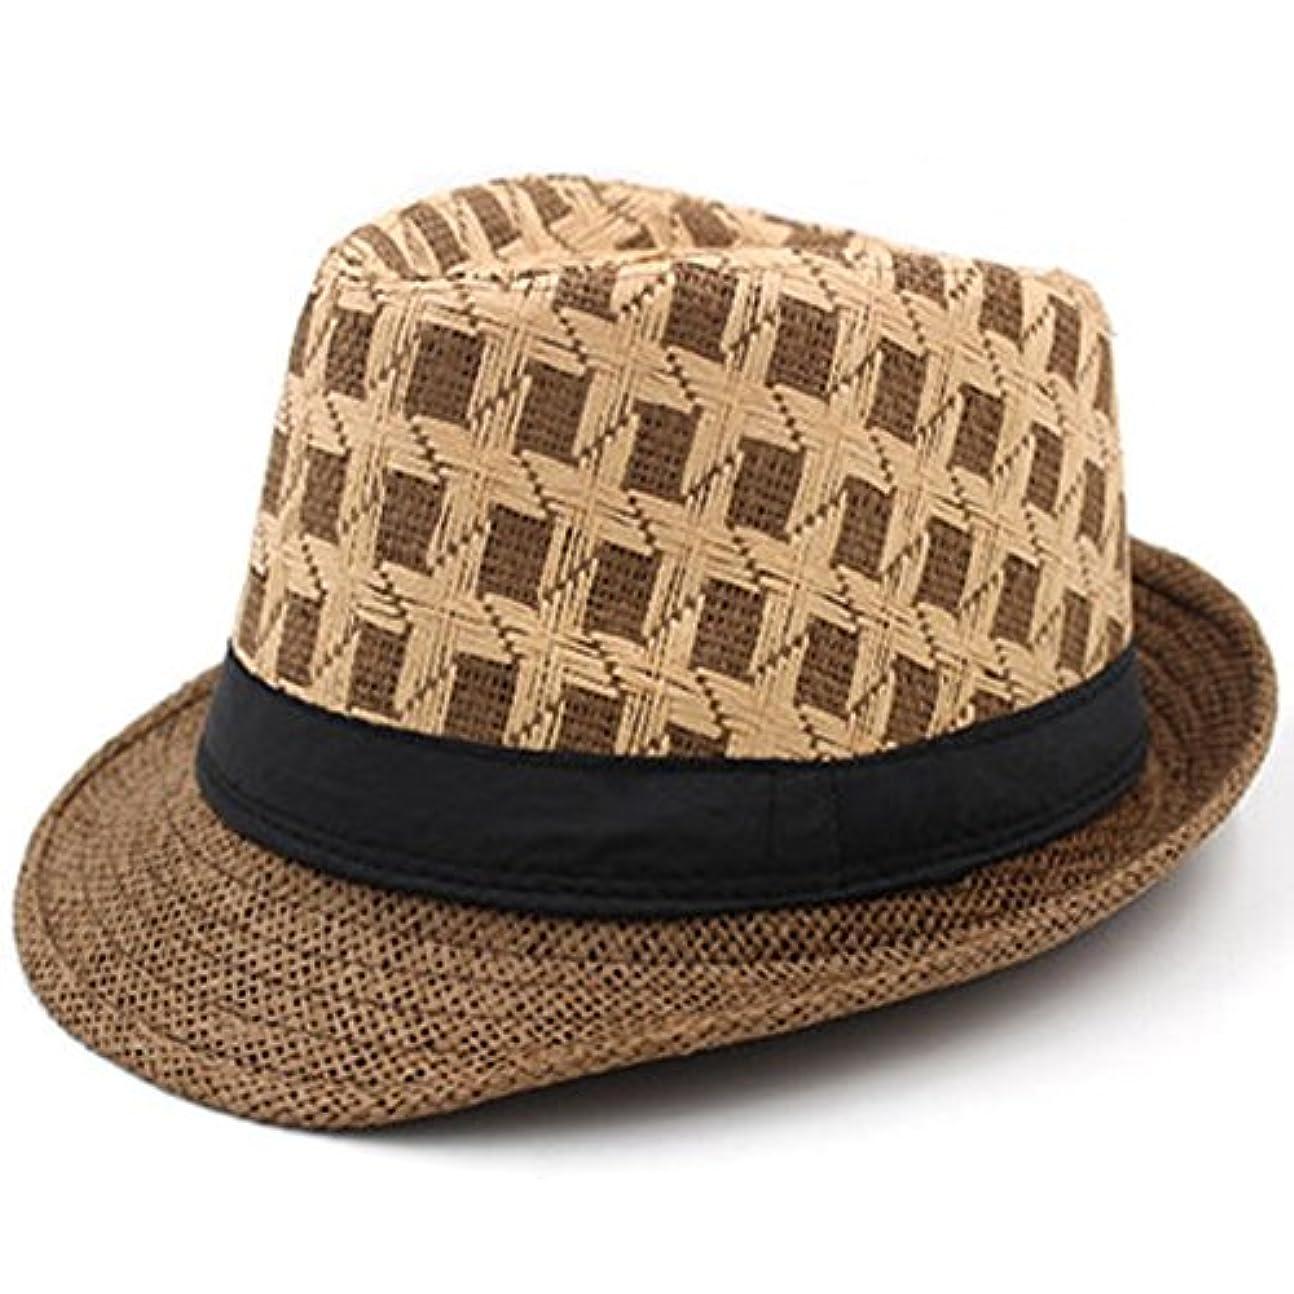 李愛 帽子 春夏の帽子男性と女性のジャズ帽子涼しい通気性の麦わら帽子帽子紳士帽子カジュアルハット (色 : B)